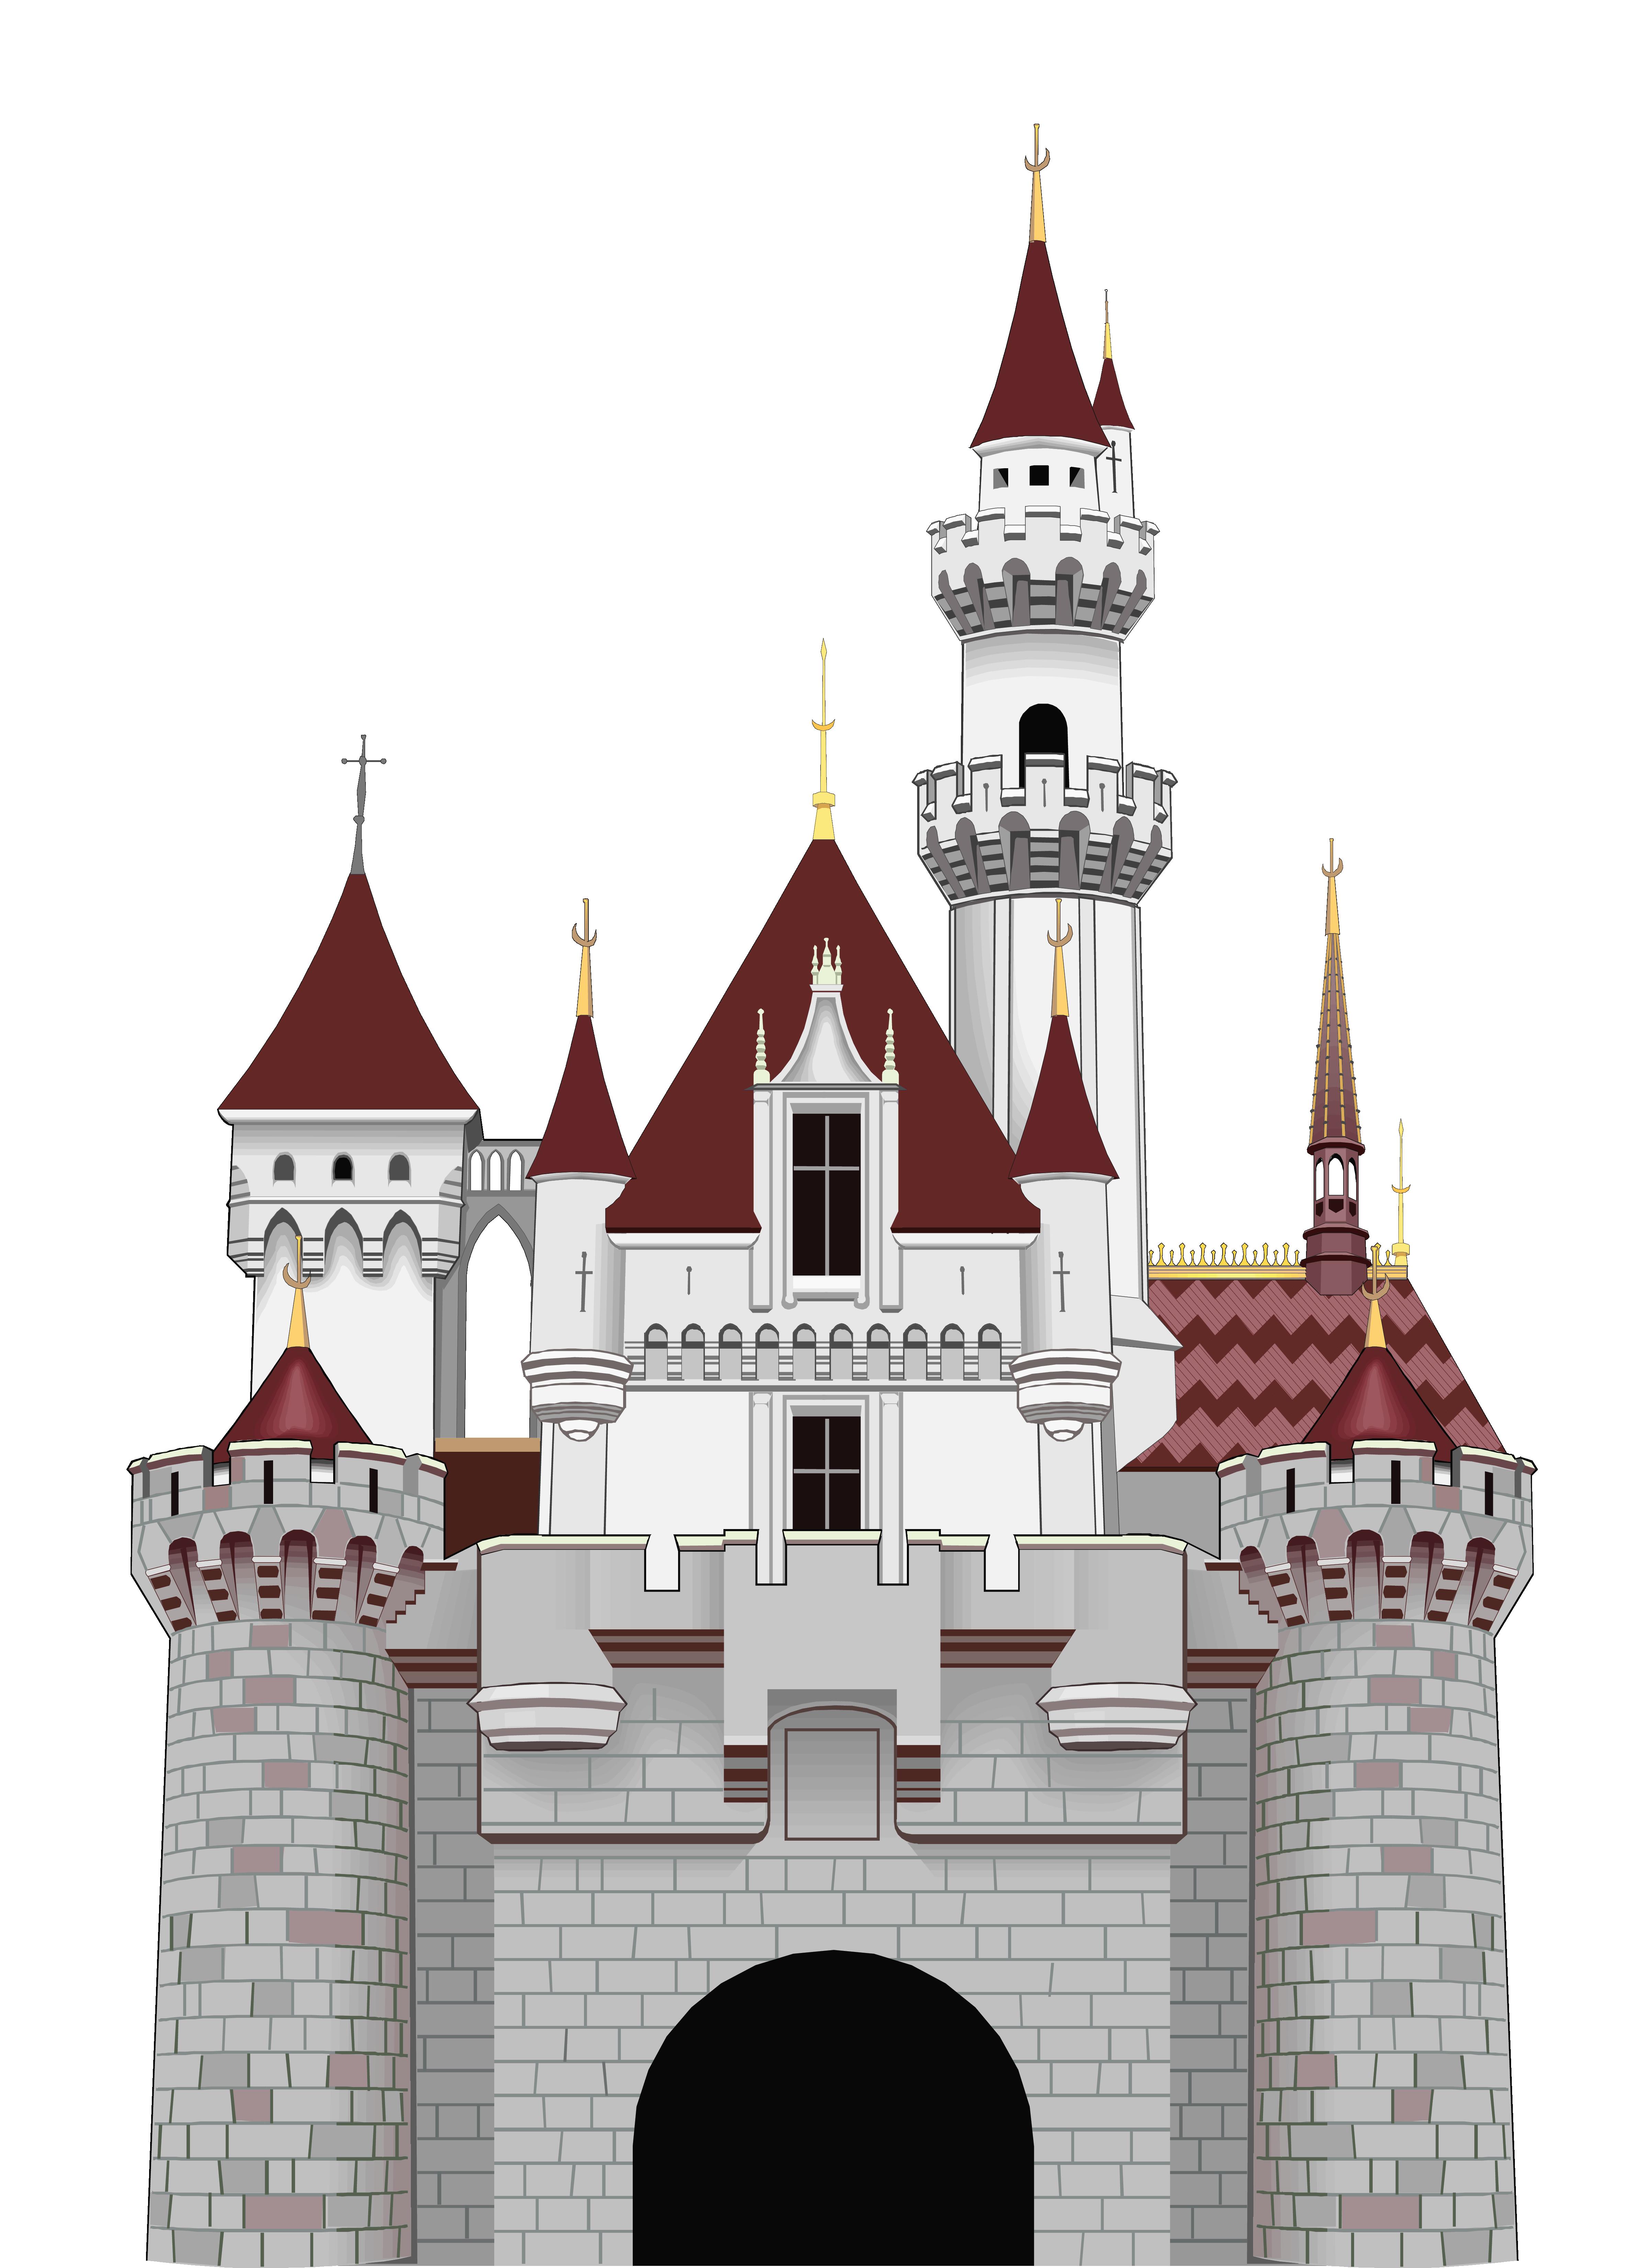 Clip art png transprent. Clipart castle chocolate